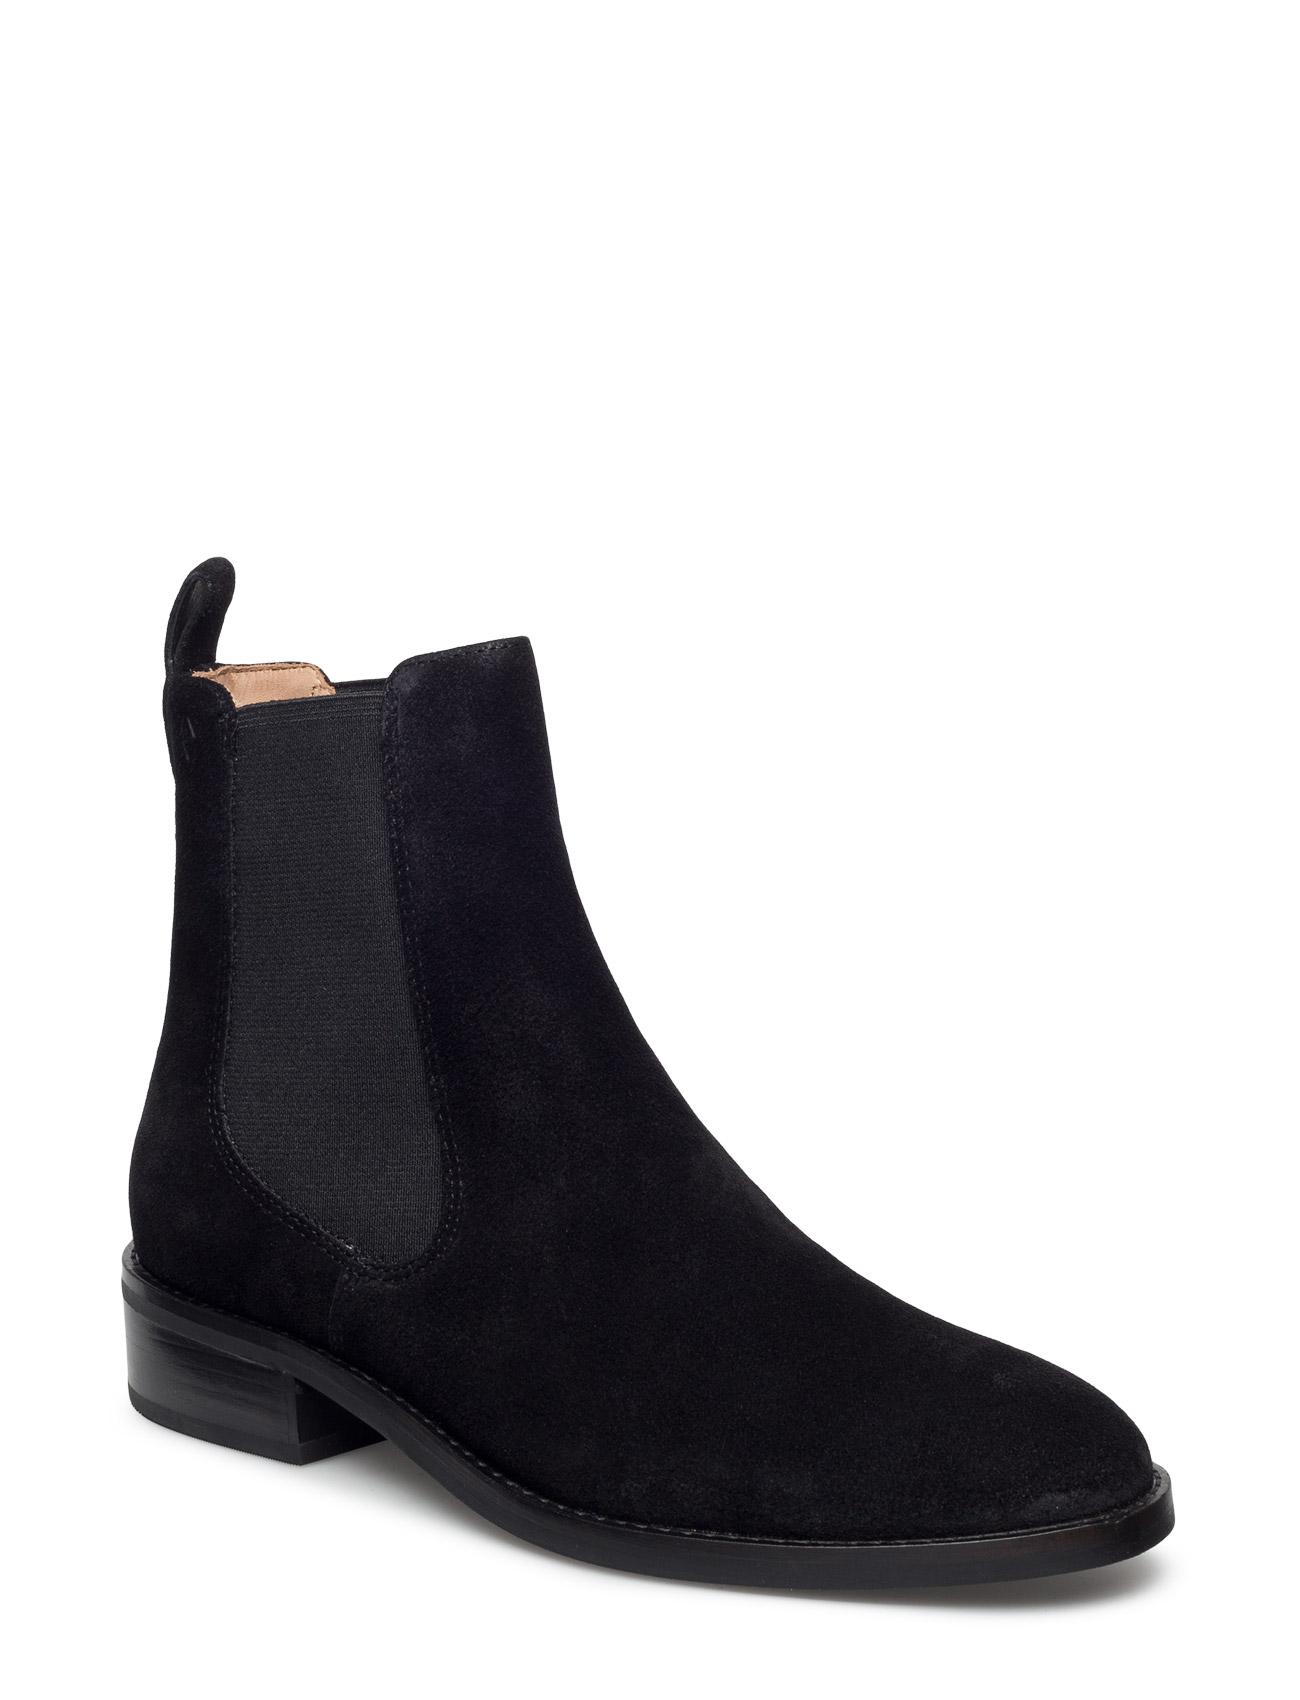 Ava VAGABOND Støvler til Damer i Sort